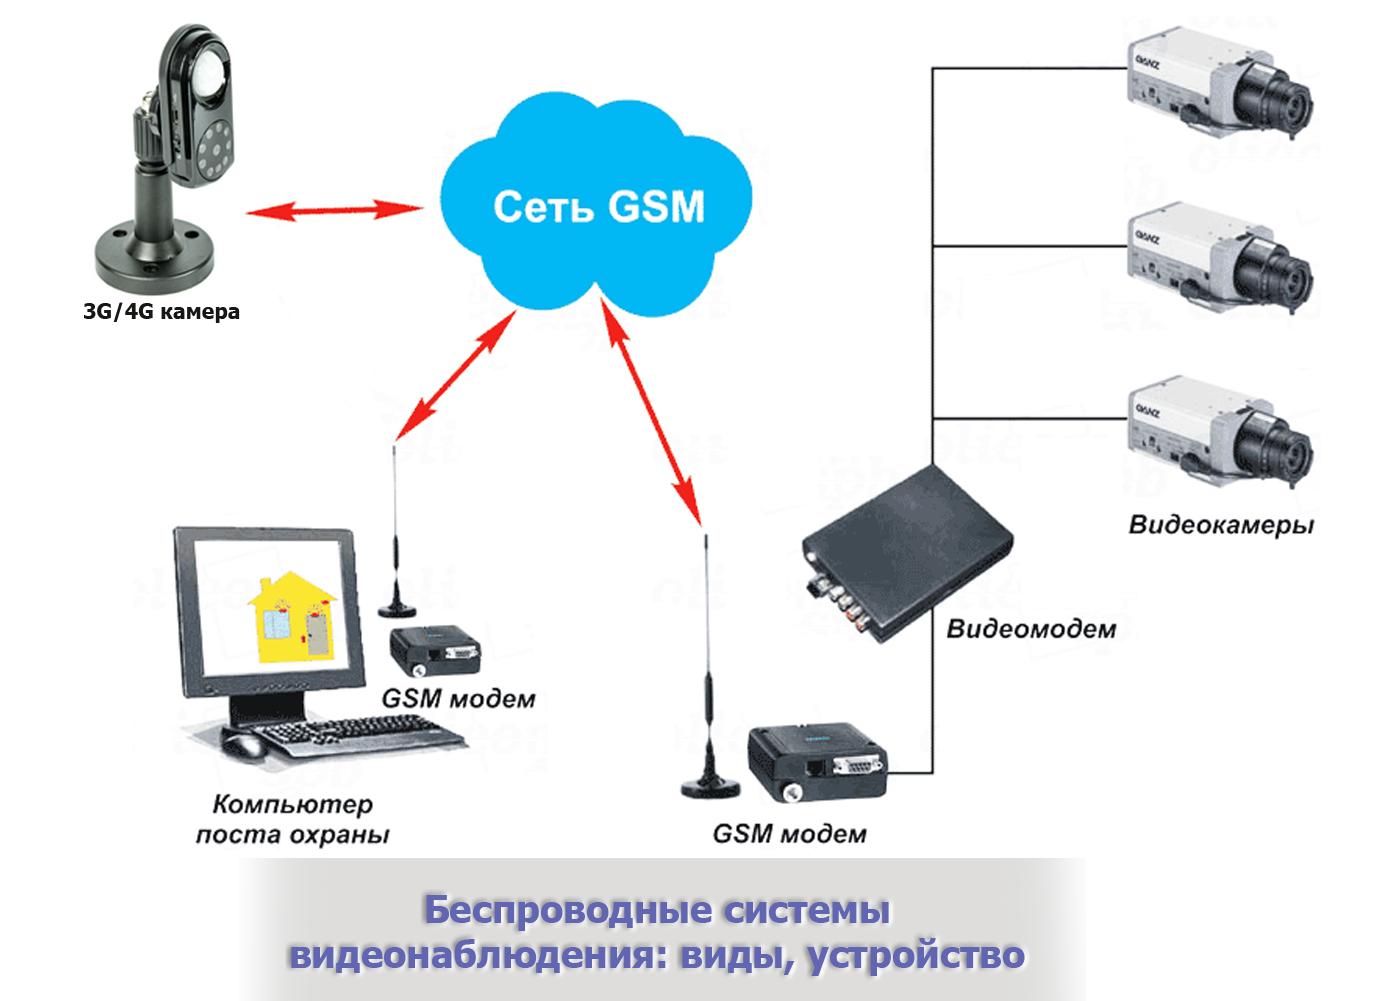 Беспроводное видеонаблюдение с использованием GSM сети